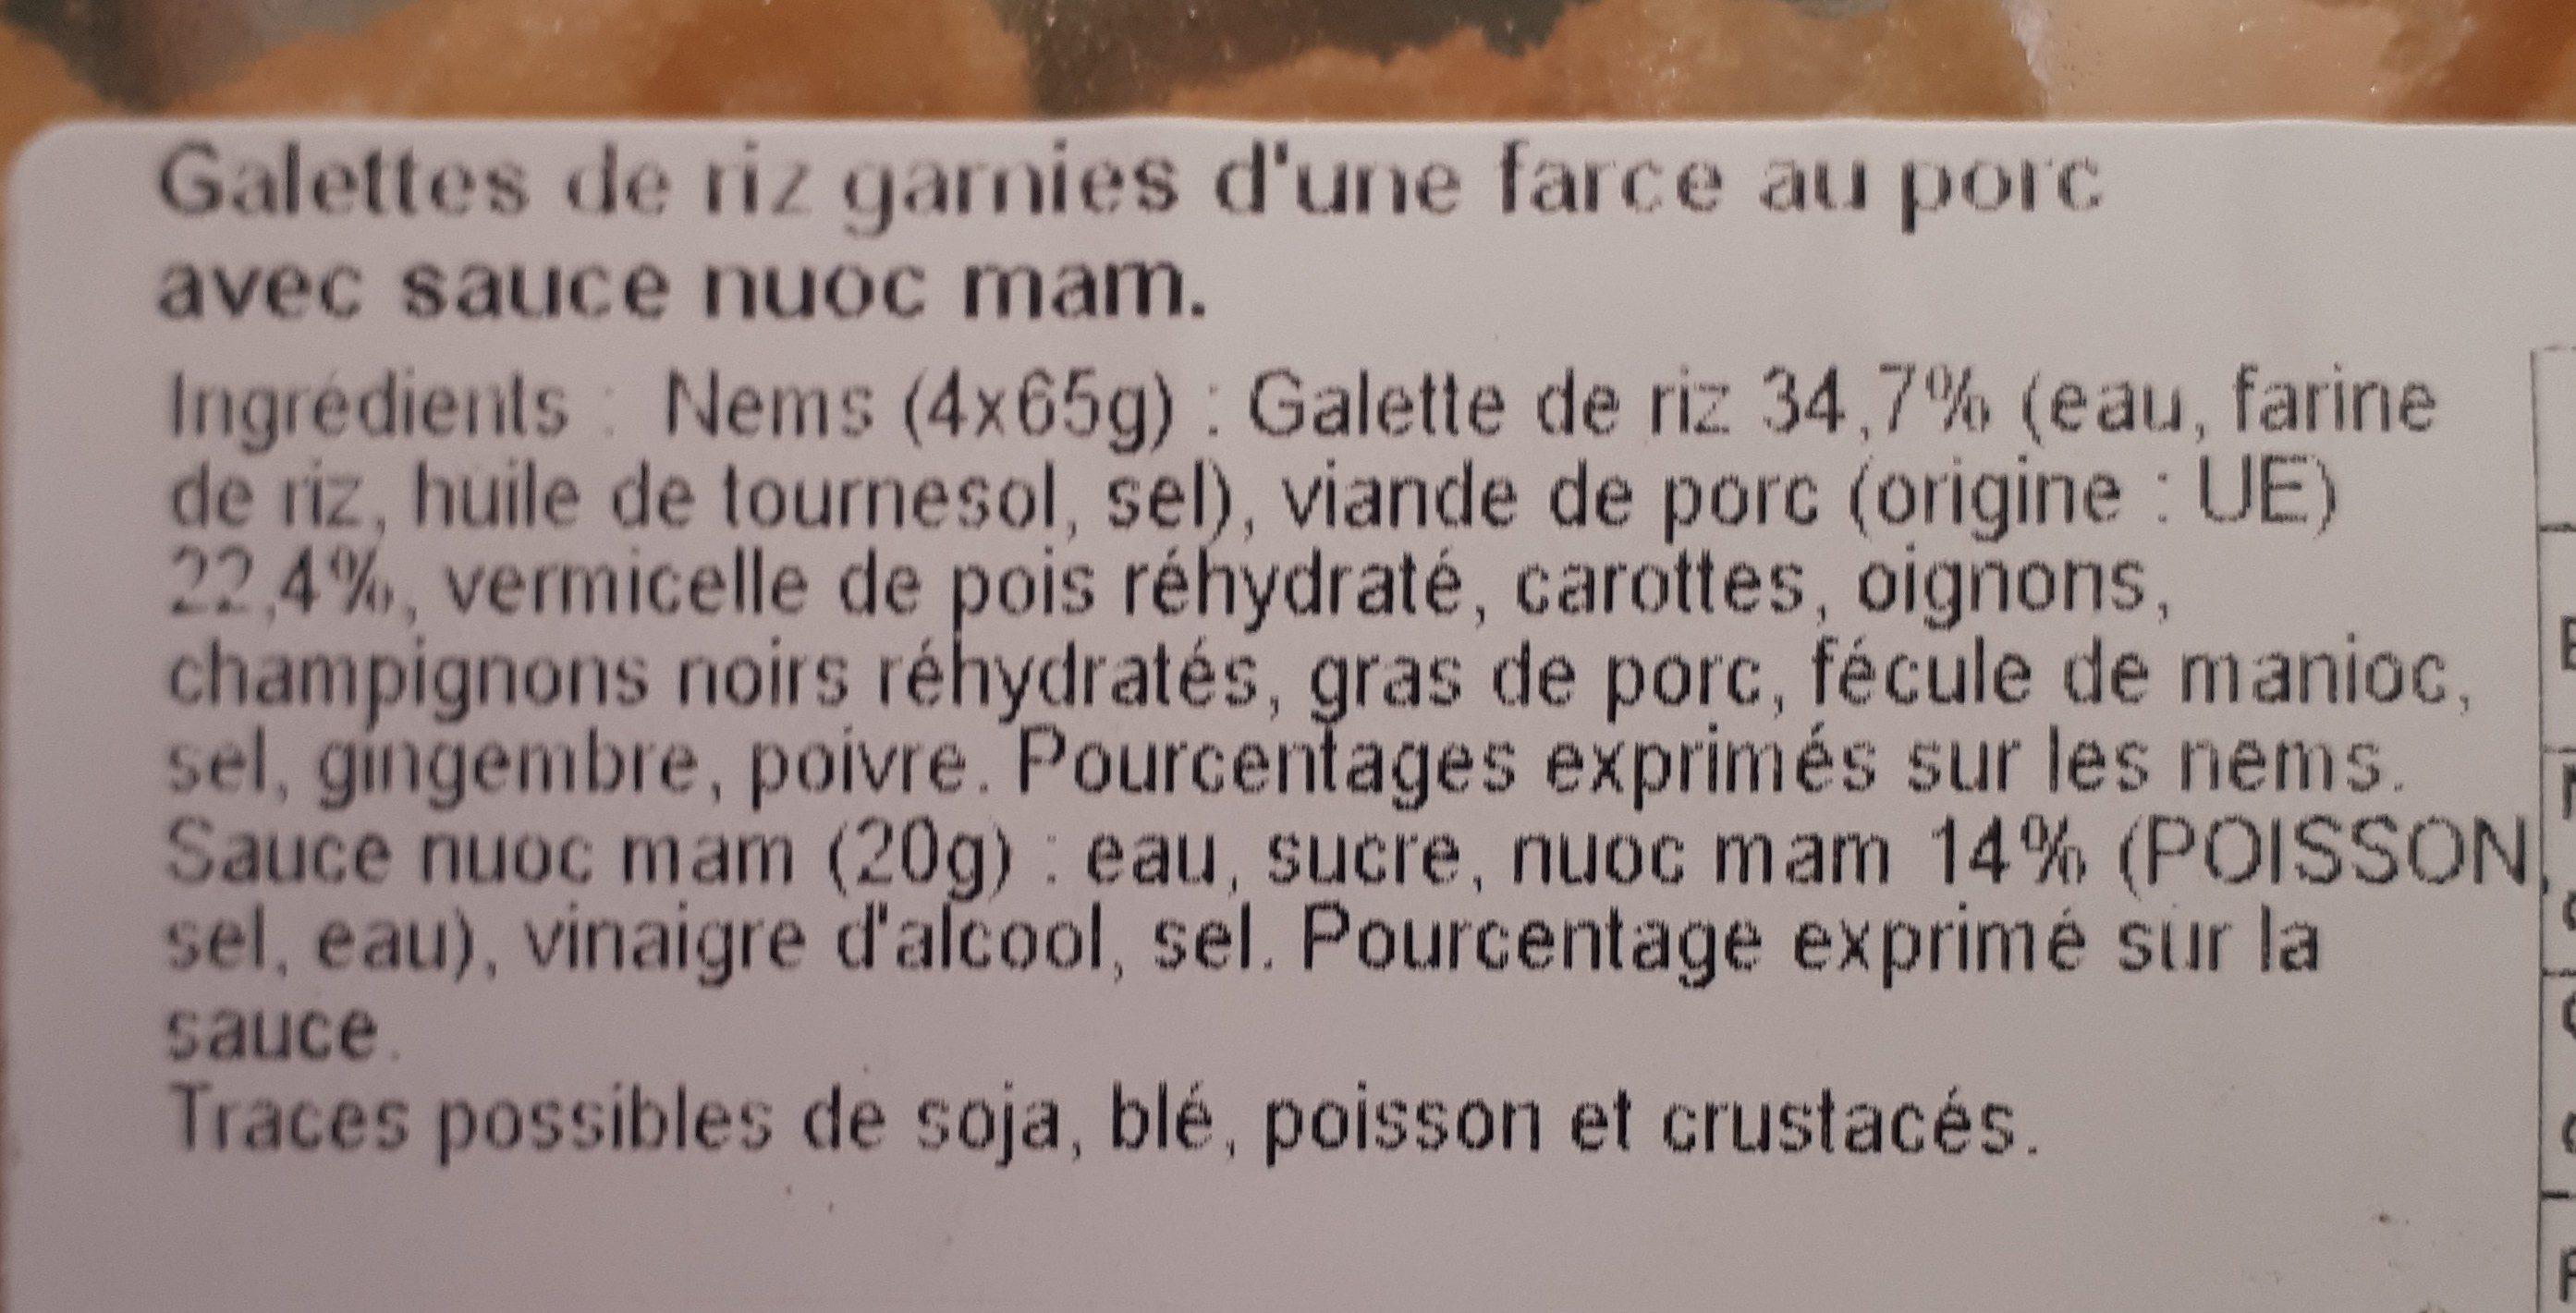 Nos Recettes Traiteur Nems porc + sauce Nuoc Mam les 4 nems de 65 g - Ingredients - fr